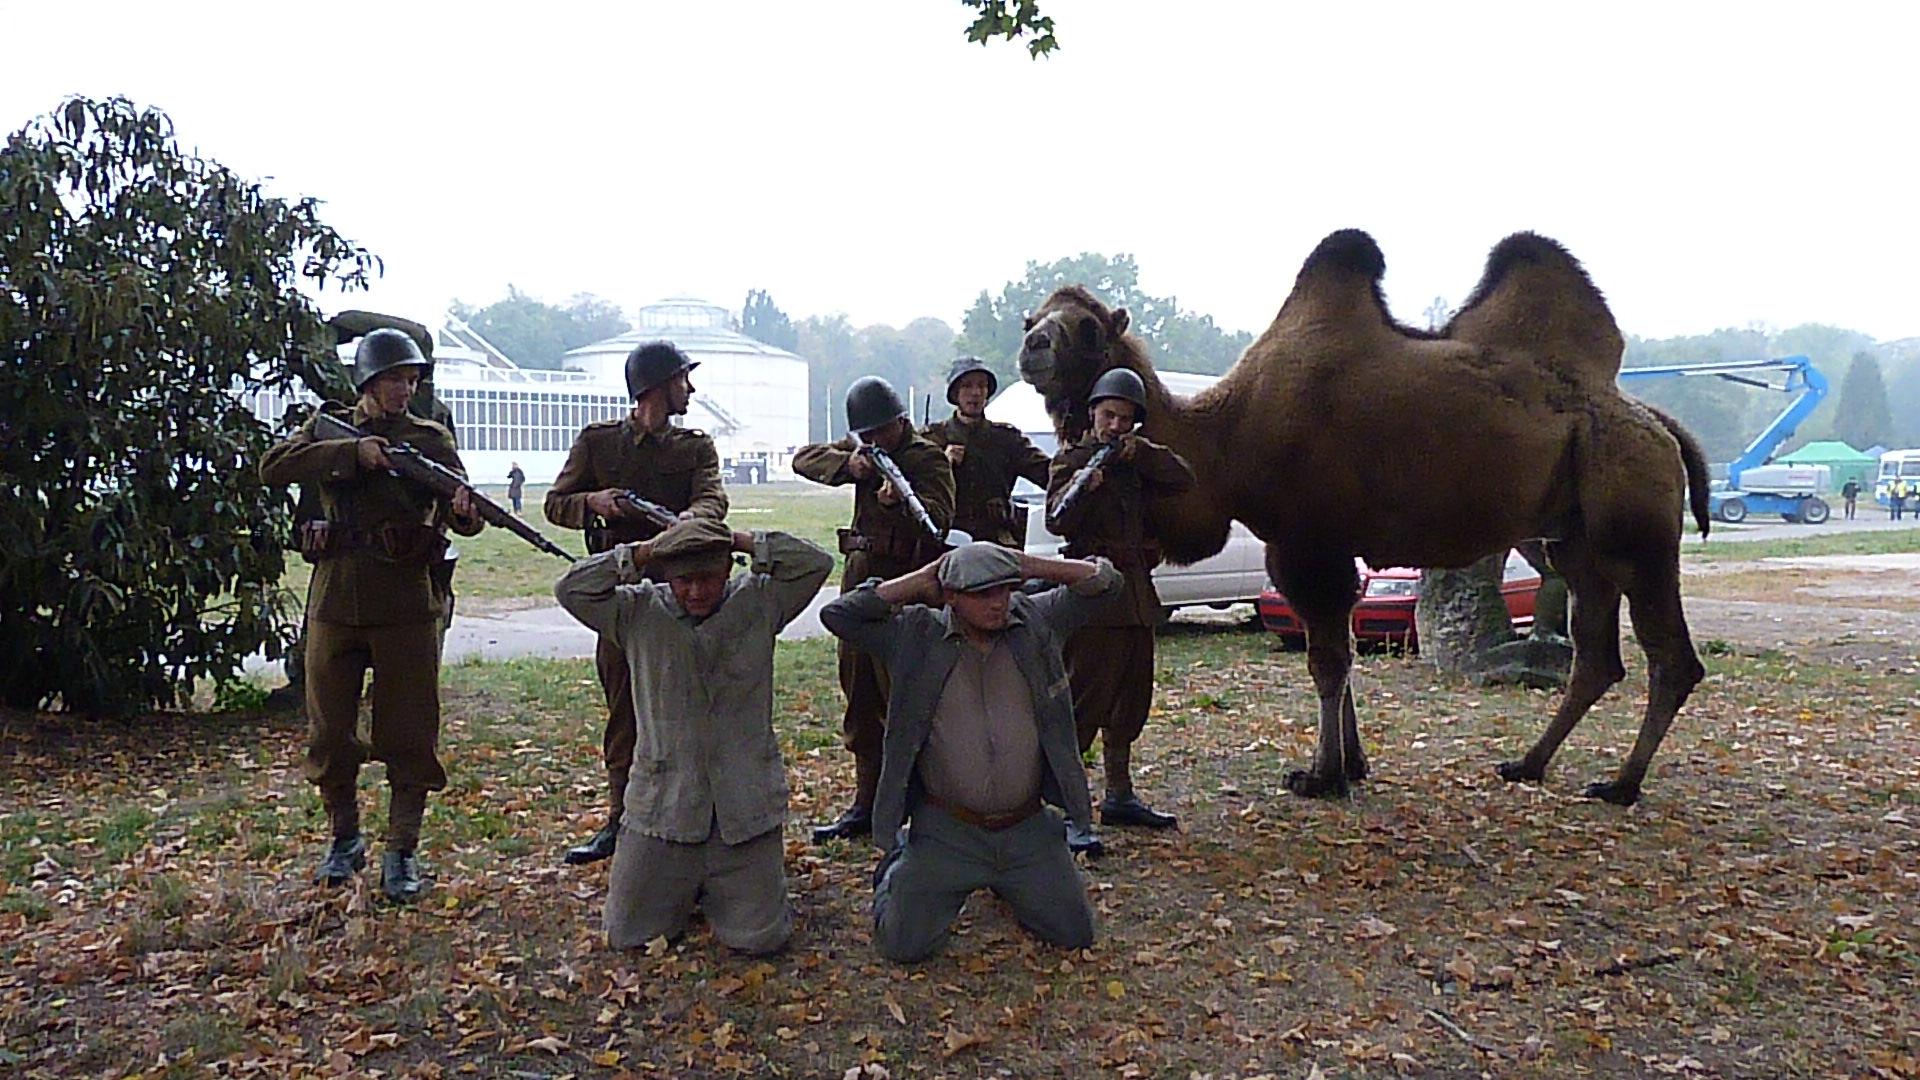 Exotická zvířata do filmu a reklamy